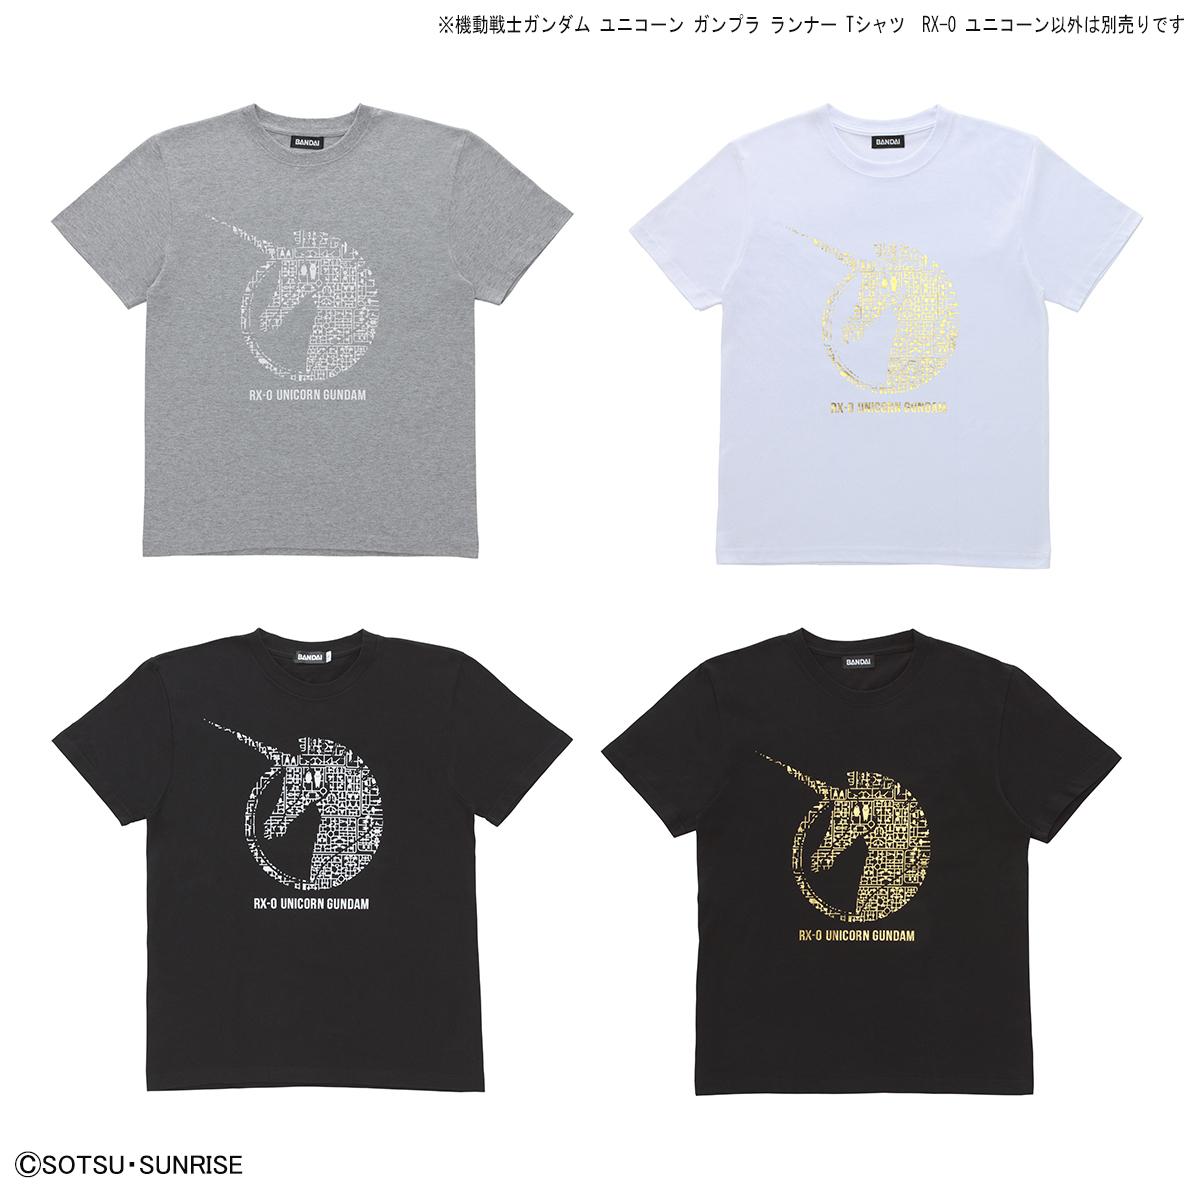 機動戦士ガンダム ユニコーン ガンプラ ランナー Tシャツ  RX-0 ユニコーン 商品画像